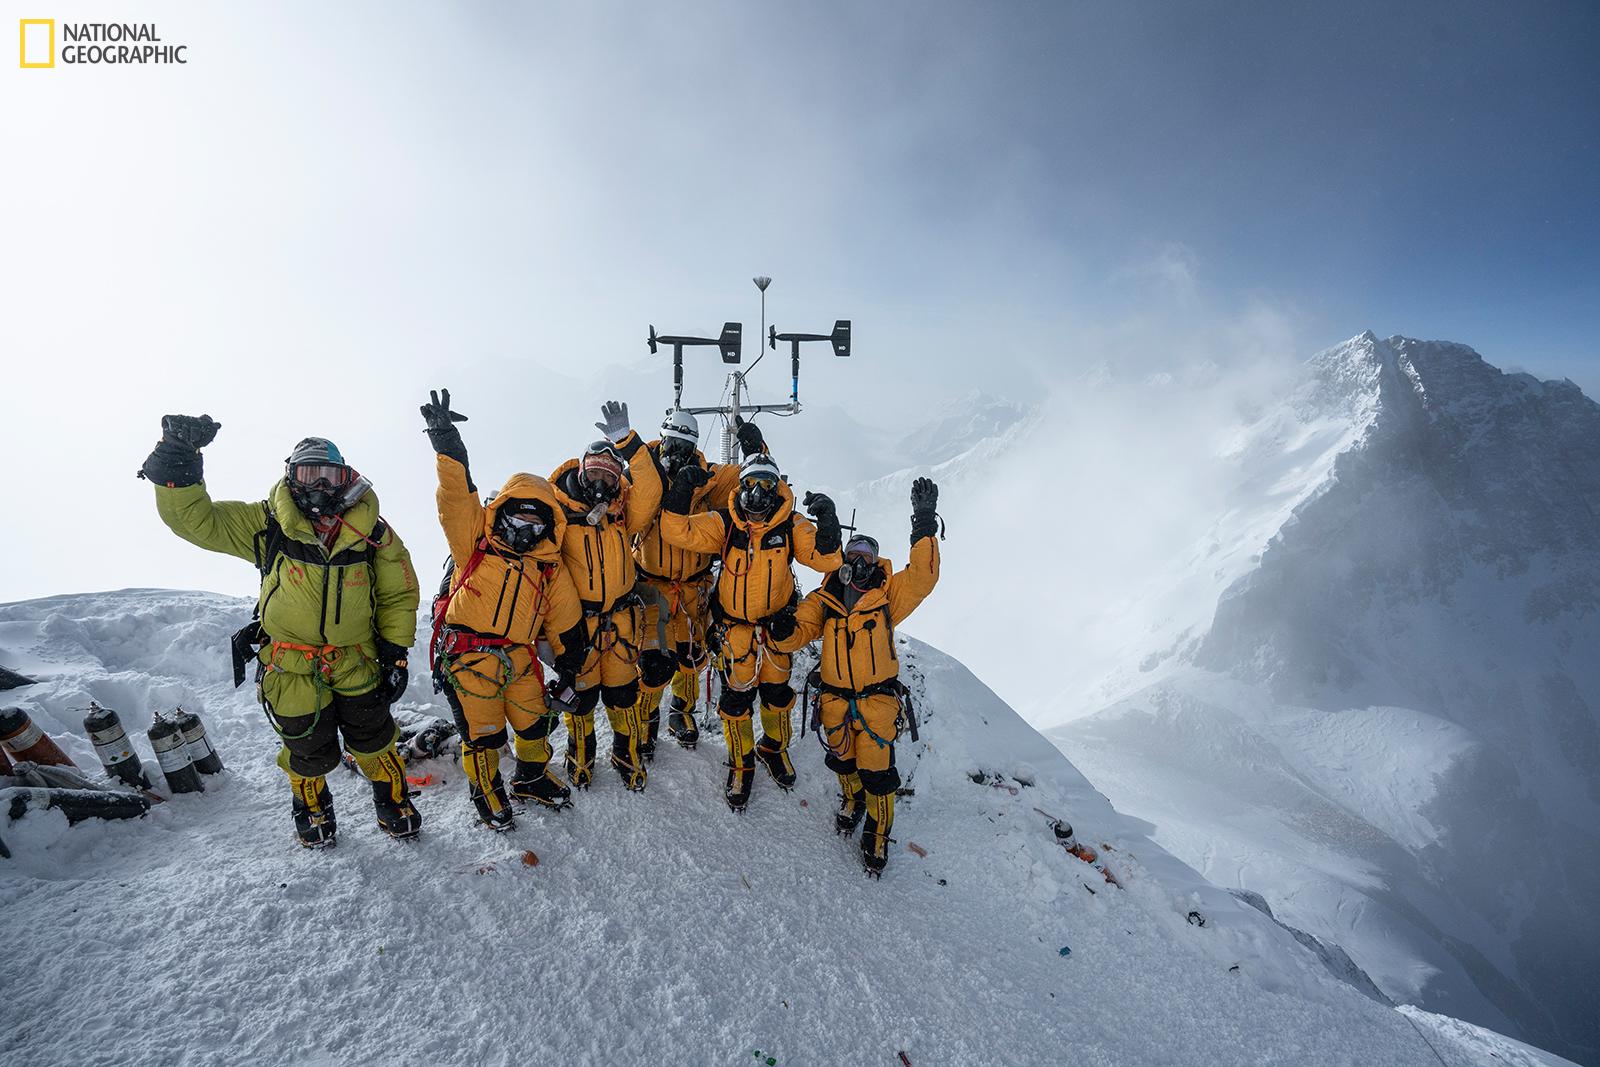 Głównym celem wyprawy na Mount Everest było zamontowanie dwóch stacji meteorologicznych i pobranie rdzenia lodowego na wysokości, na której dotąd tego nie robiono (www.NatGeo.com/Everest, fot: Mark Fisher/ National Geographic)